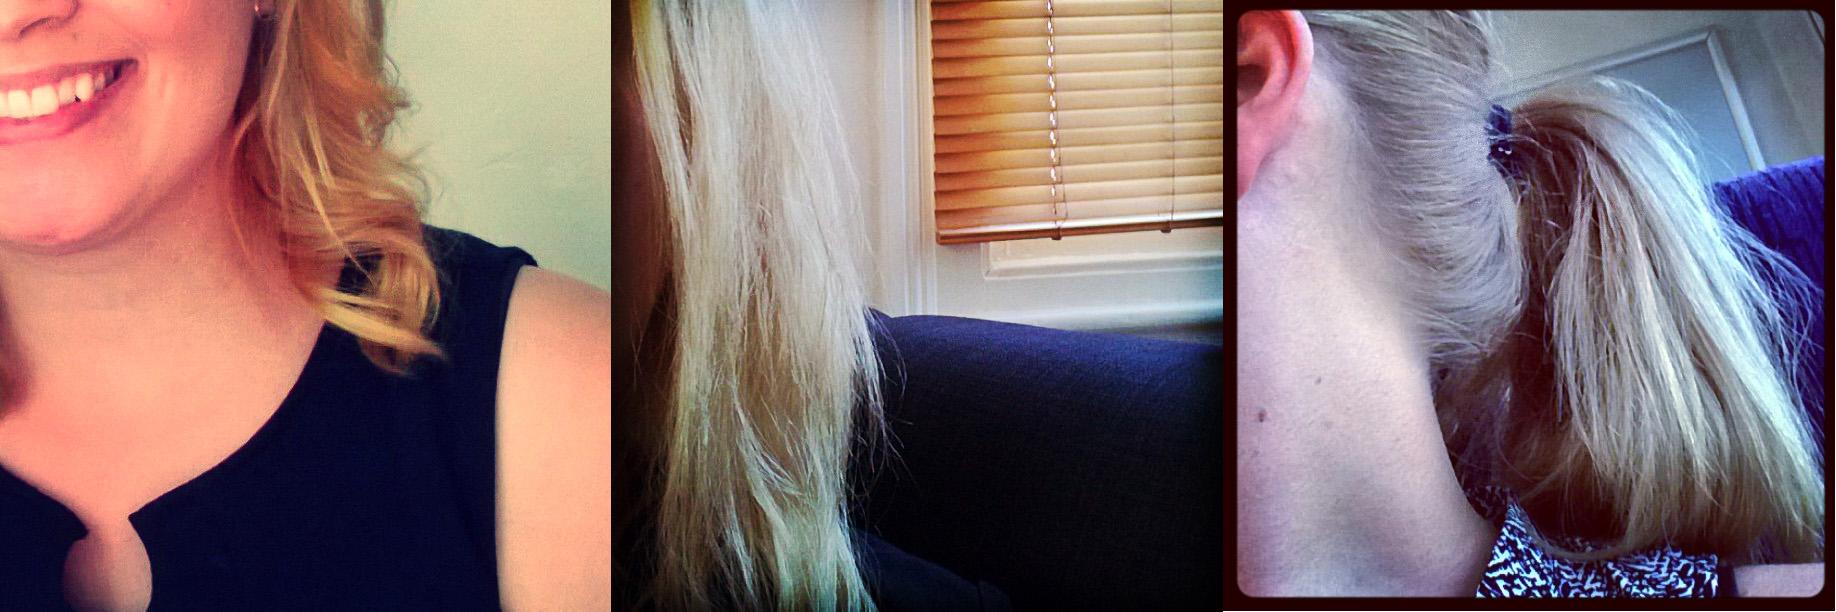 hiusvärit.jpg